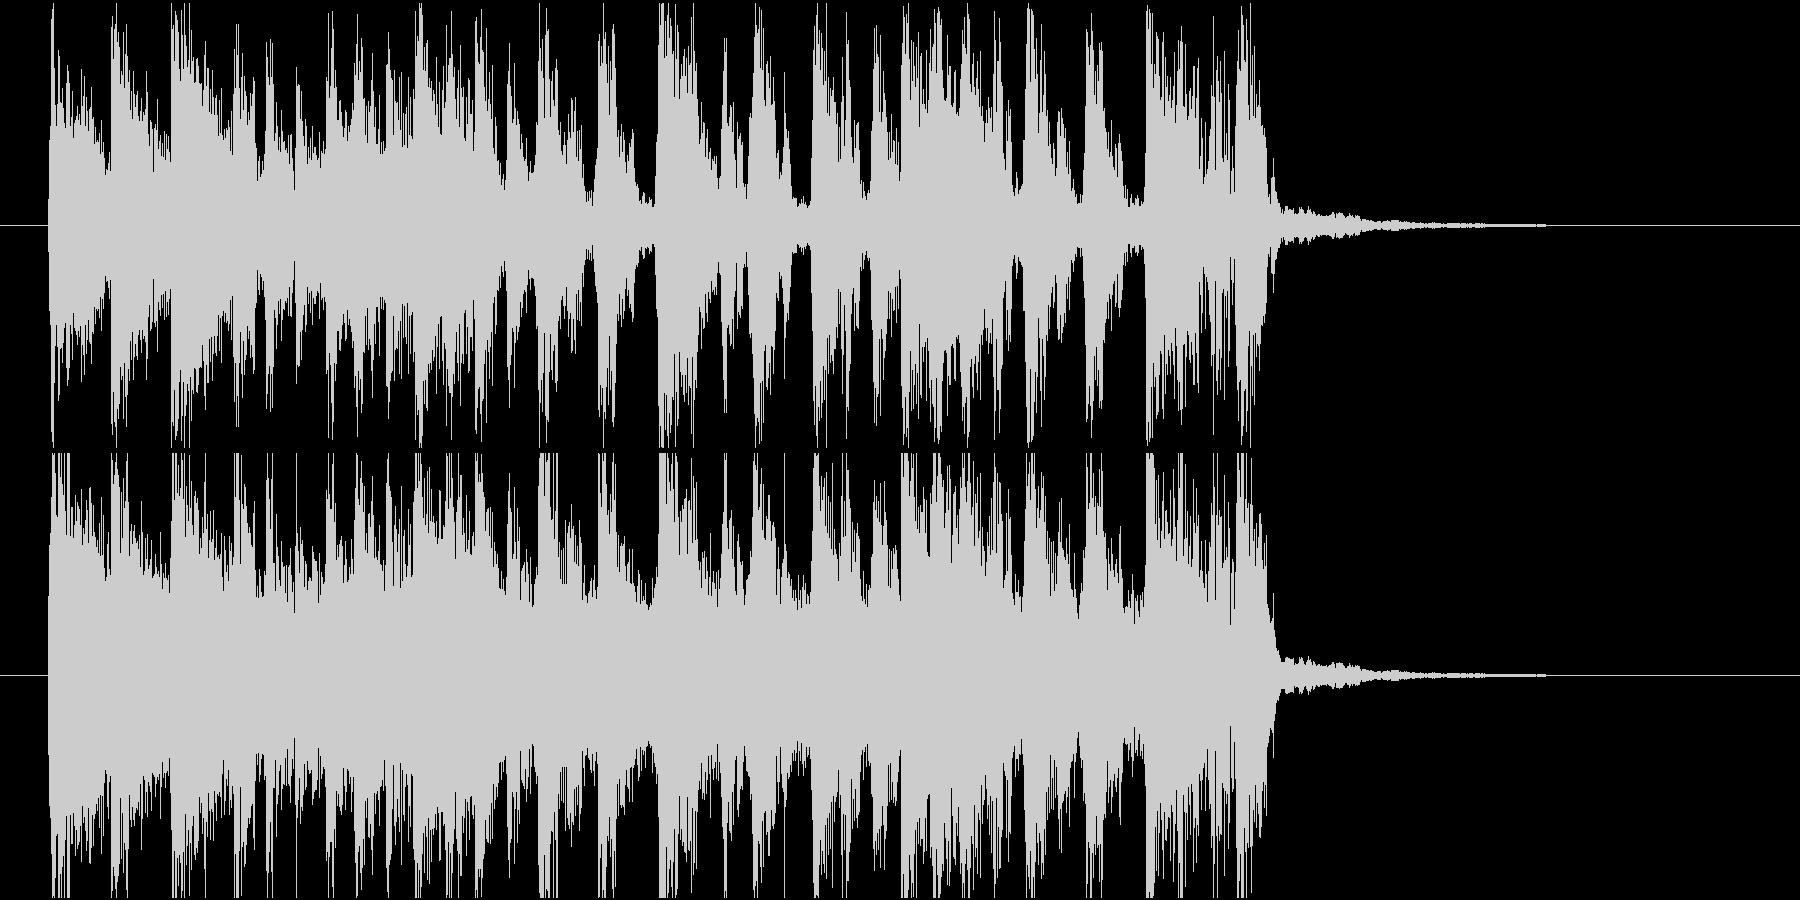 【ジングル】オルガン主体のバンド曲の未再生の波形